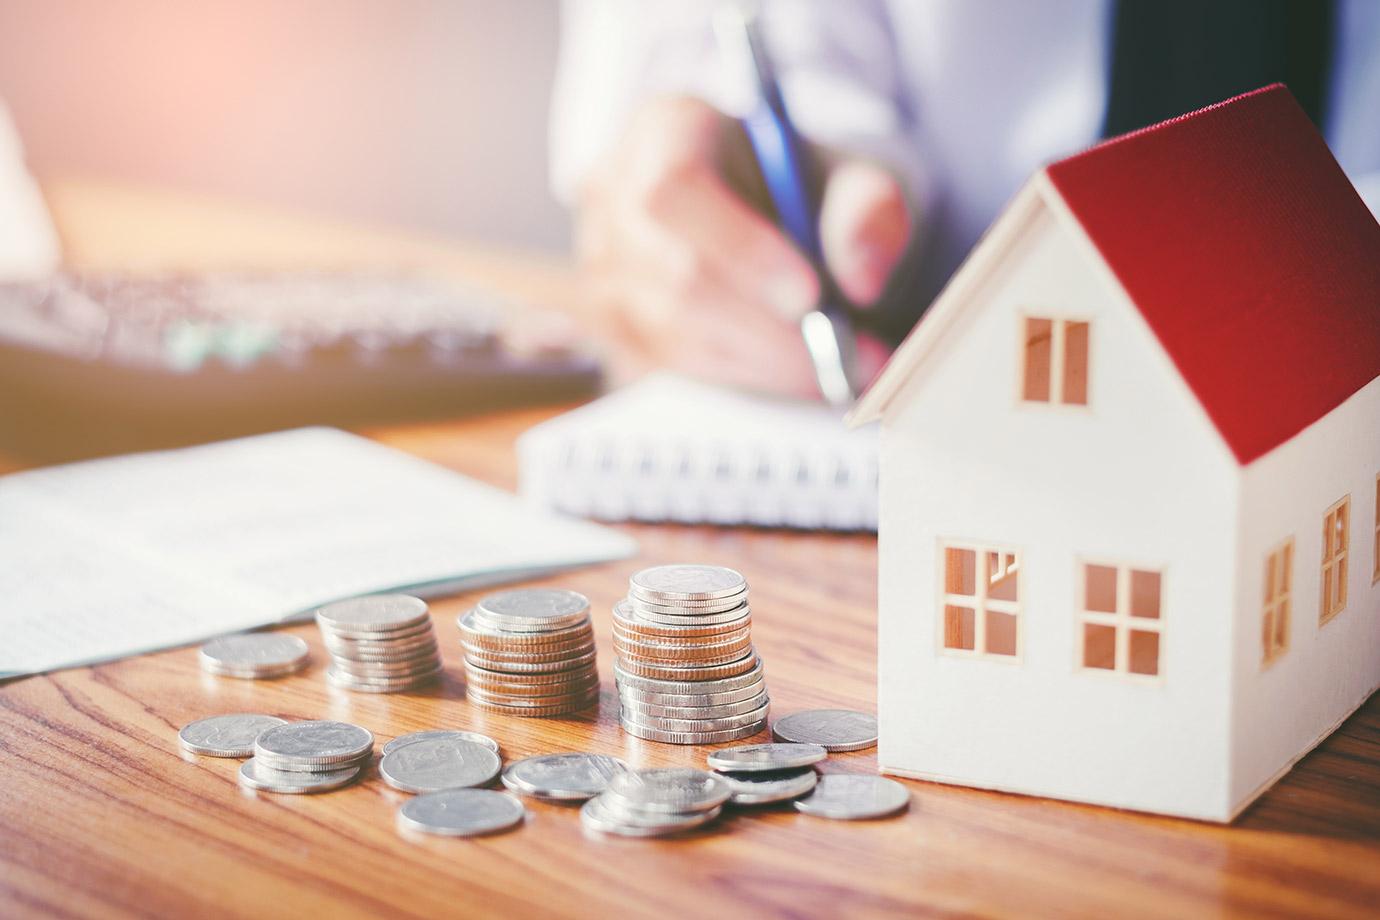 5 dicas para manter o financiamento sob controle